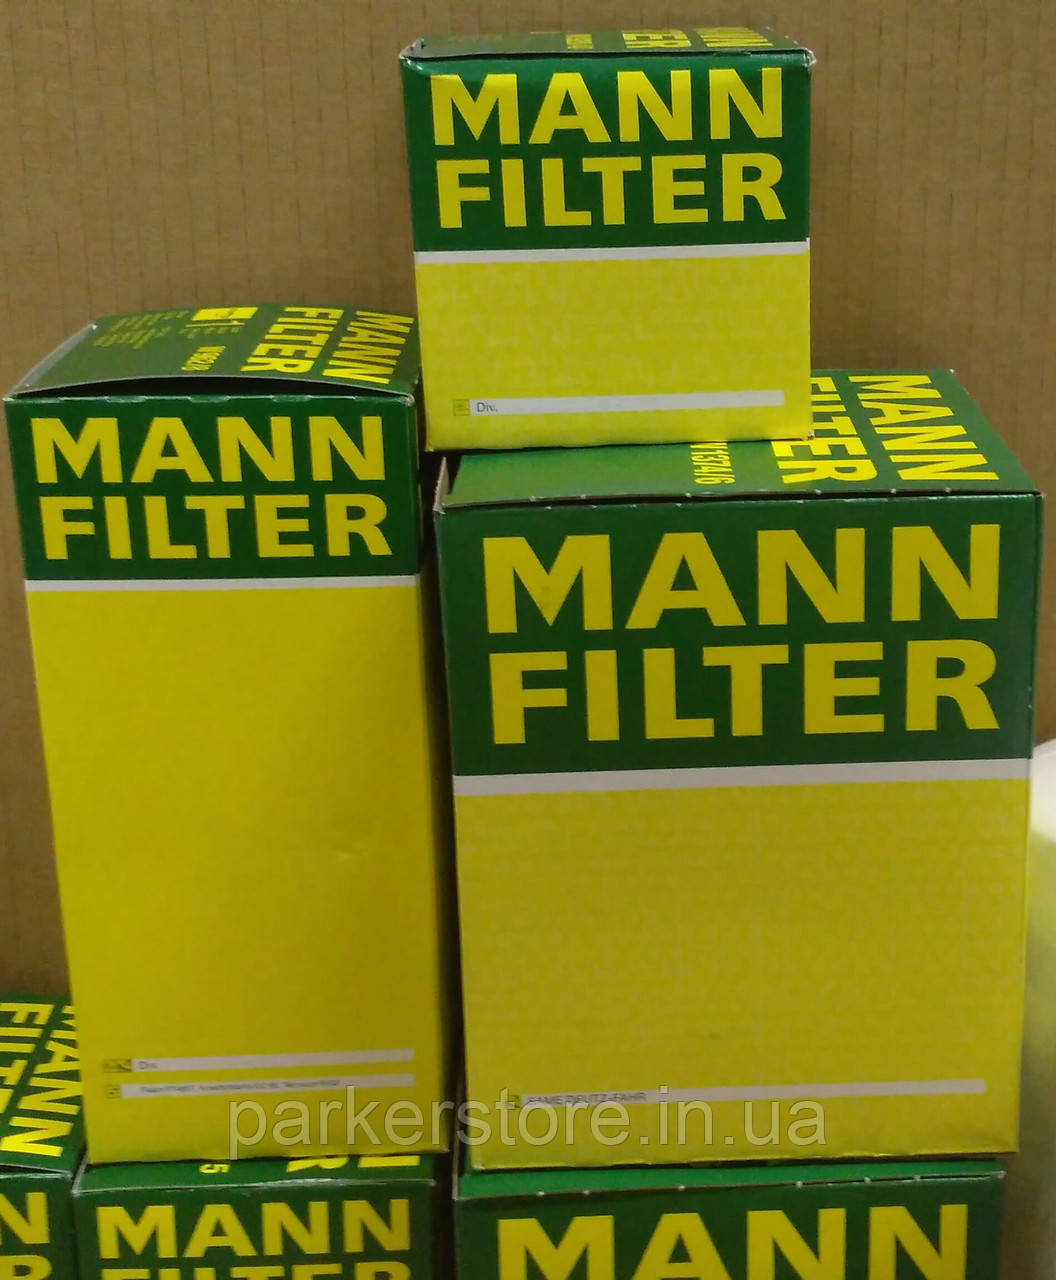 MANN FILTER / Воздушный фильтр / C 2512 / C2512